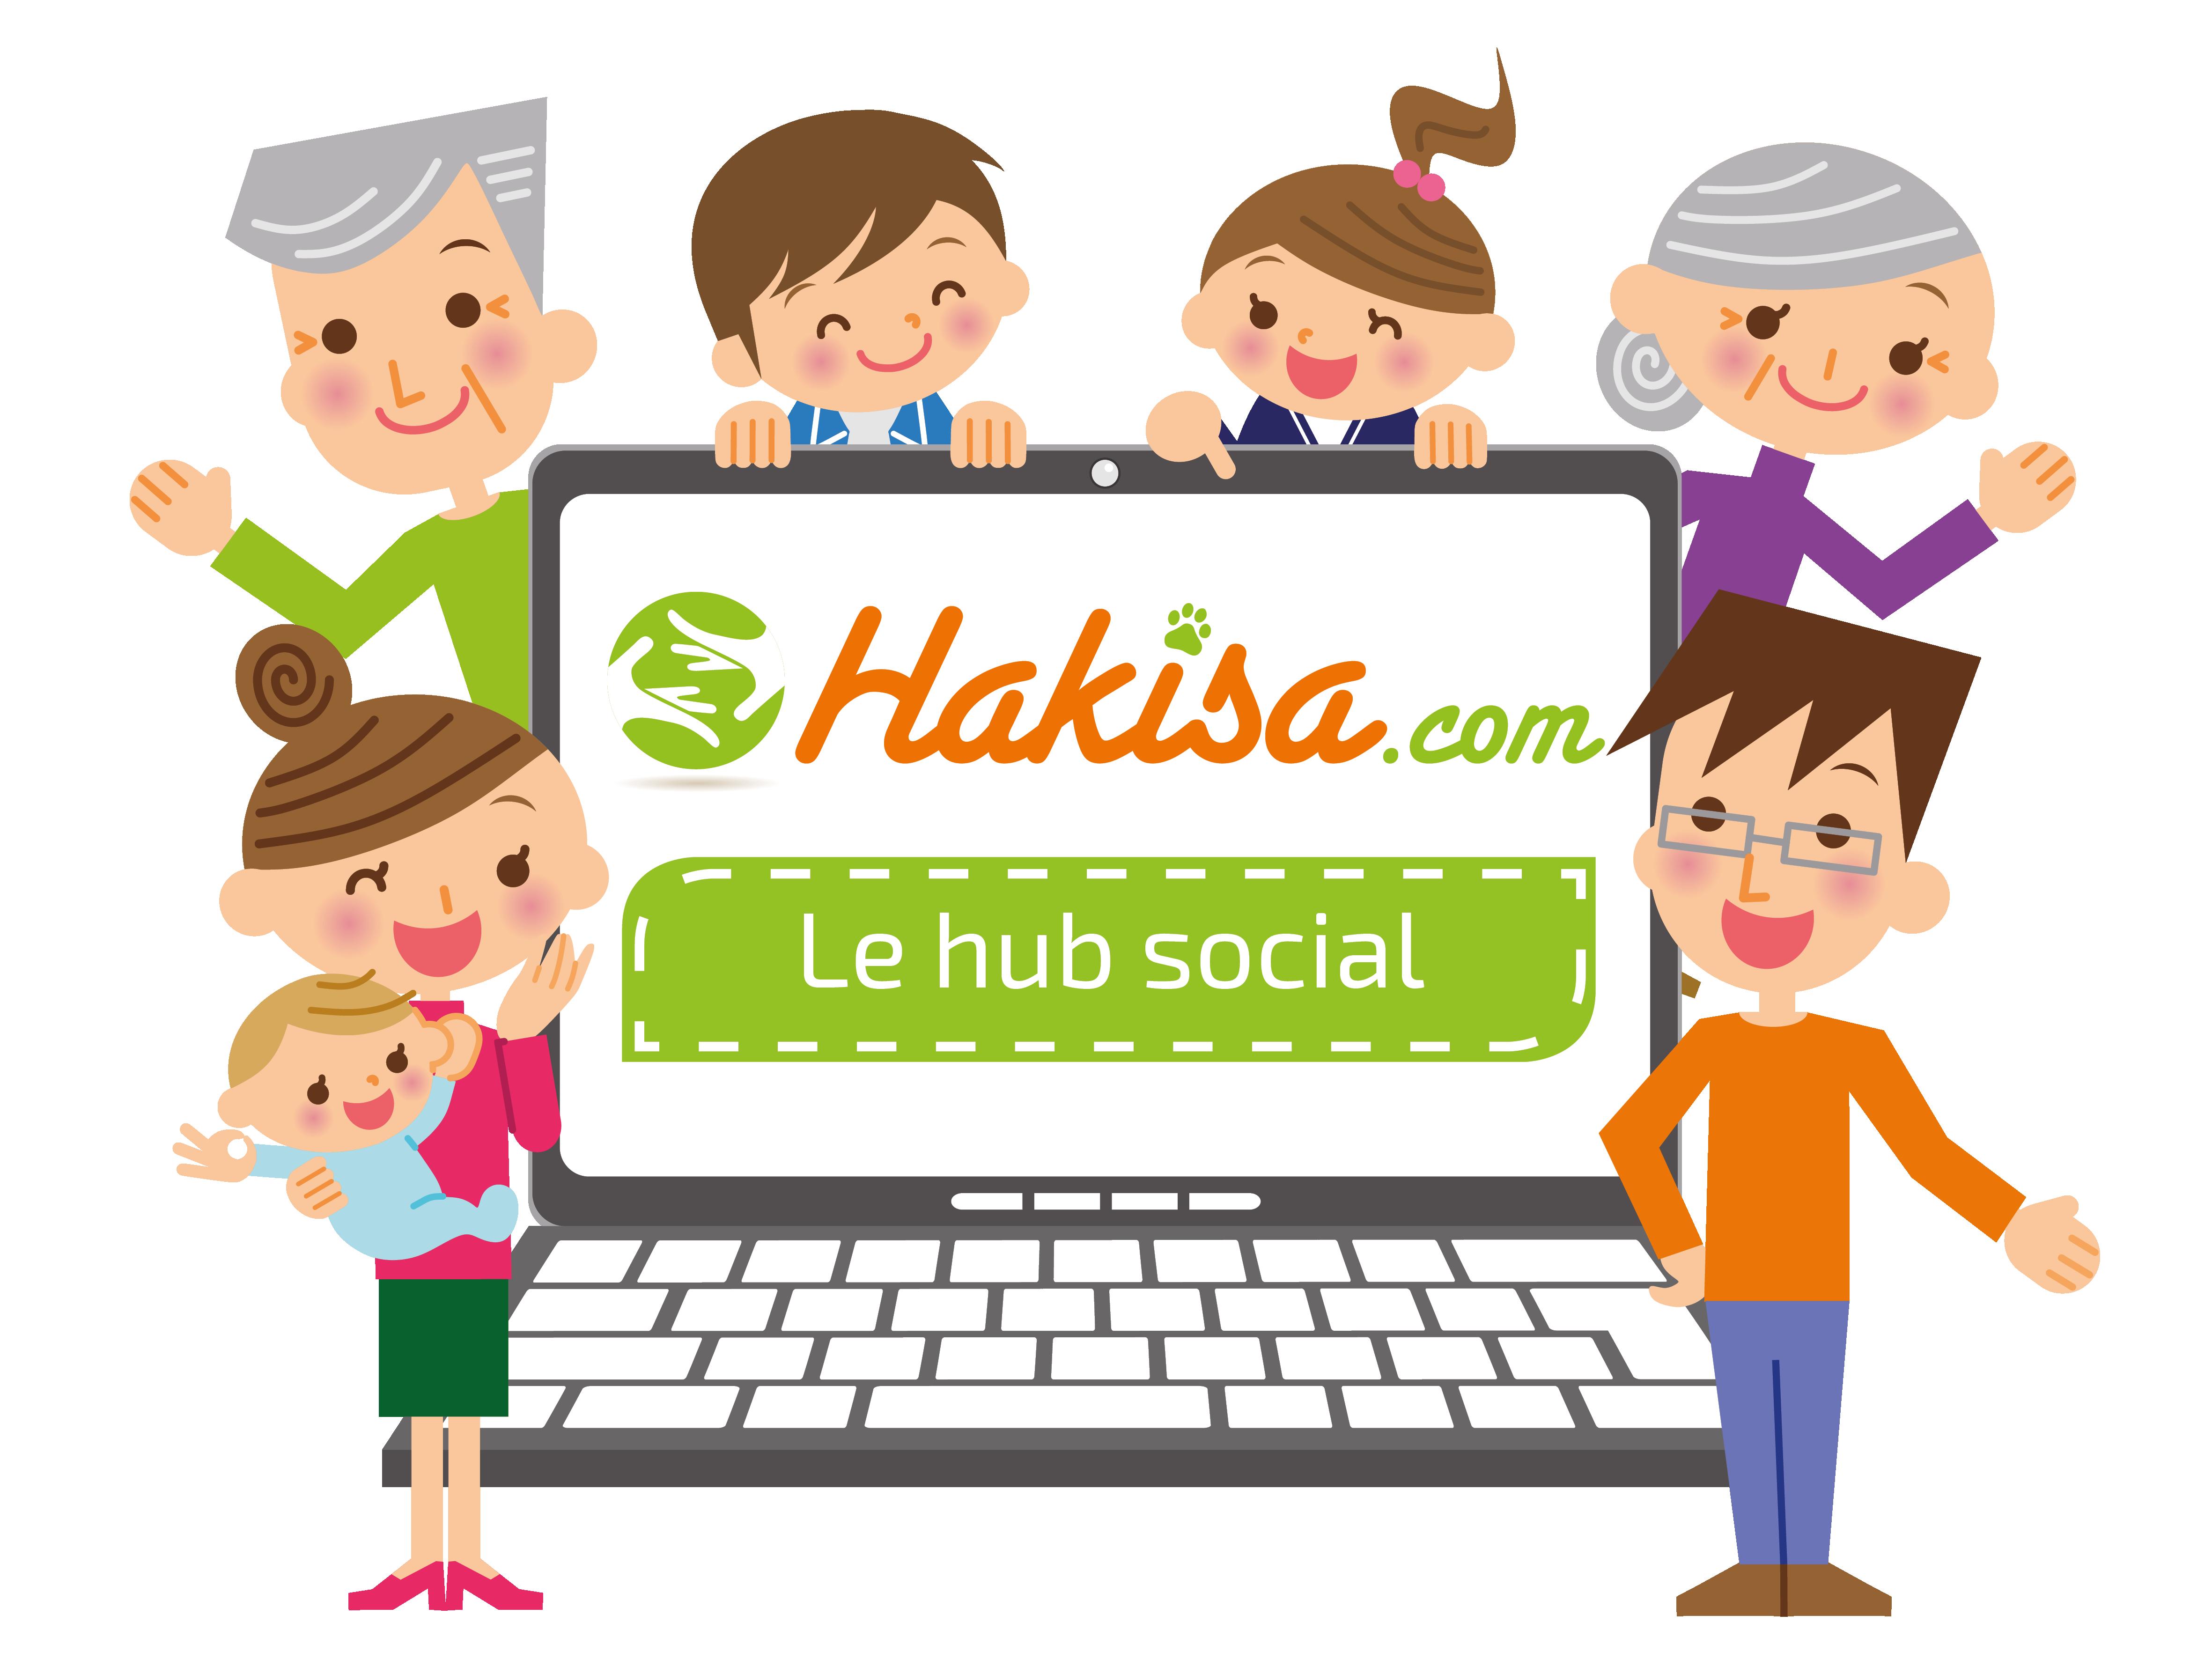 Hakisa - Le hub social : toute la famille autour d'un ordinateur